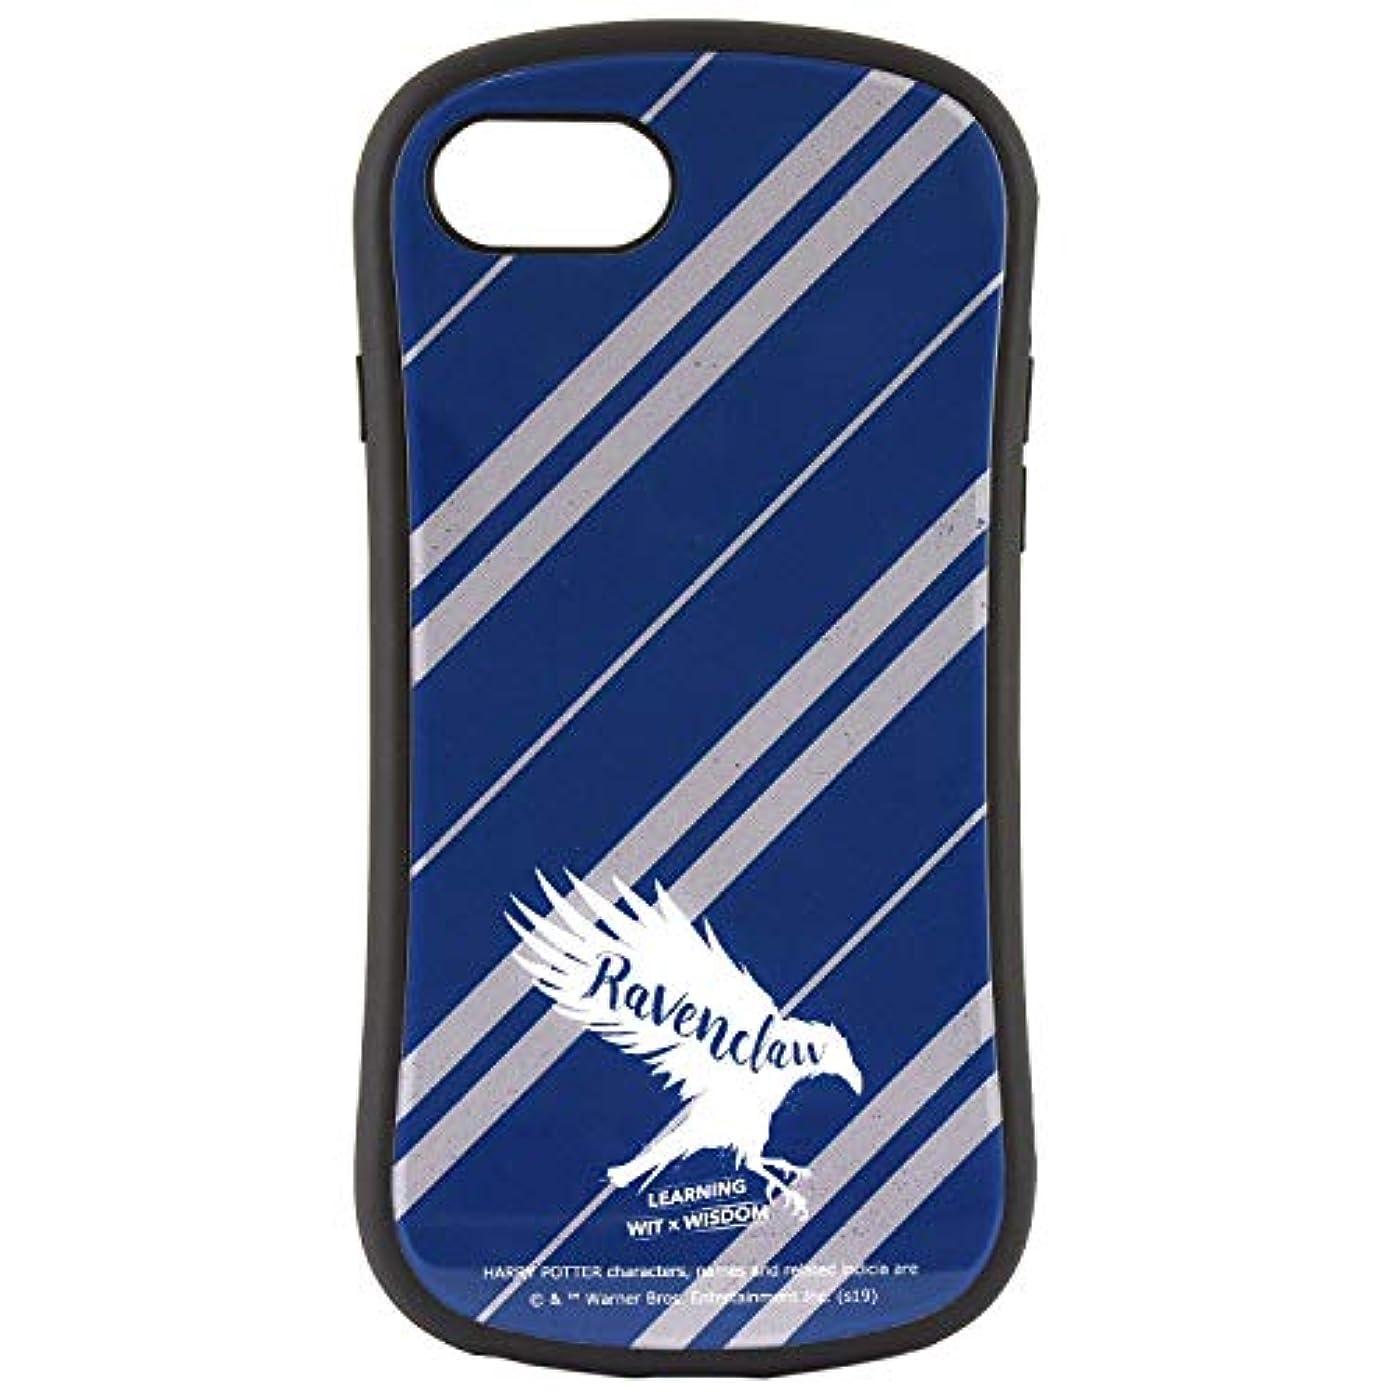 欠如軽く戸惑うグルマンディーズ ハリー?ポッター iPhone8/7/6s/6(4.7インチ)対応ハイブリッドガラスケース レイブンクロー hp-26c